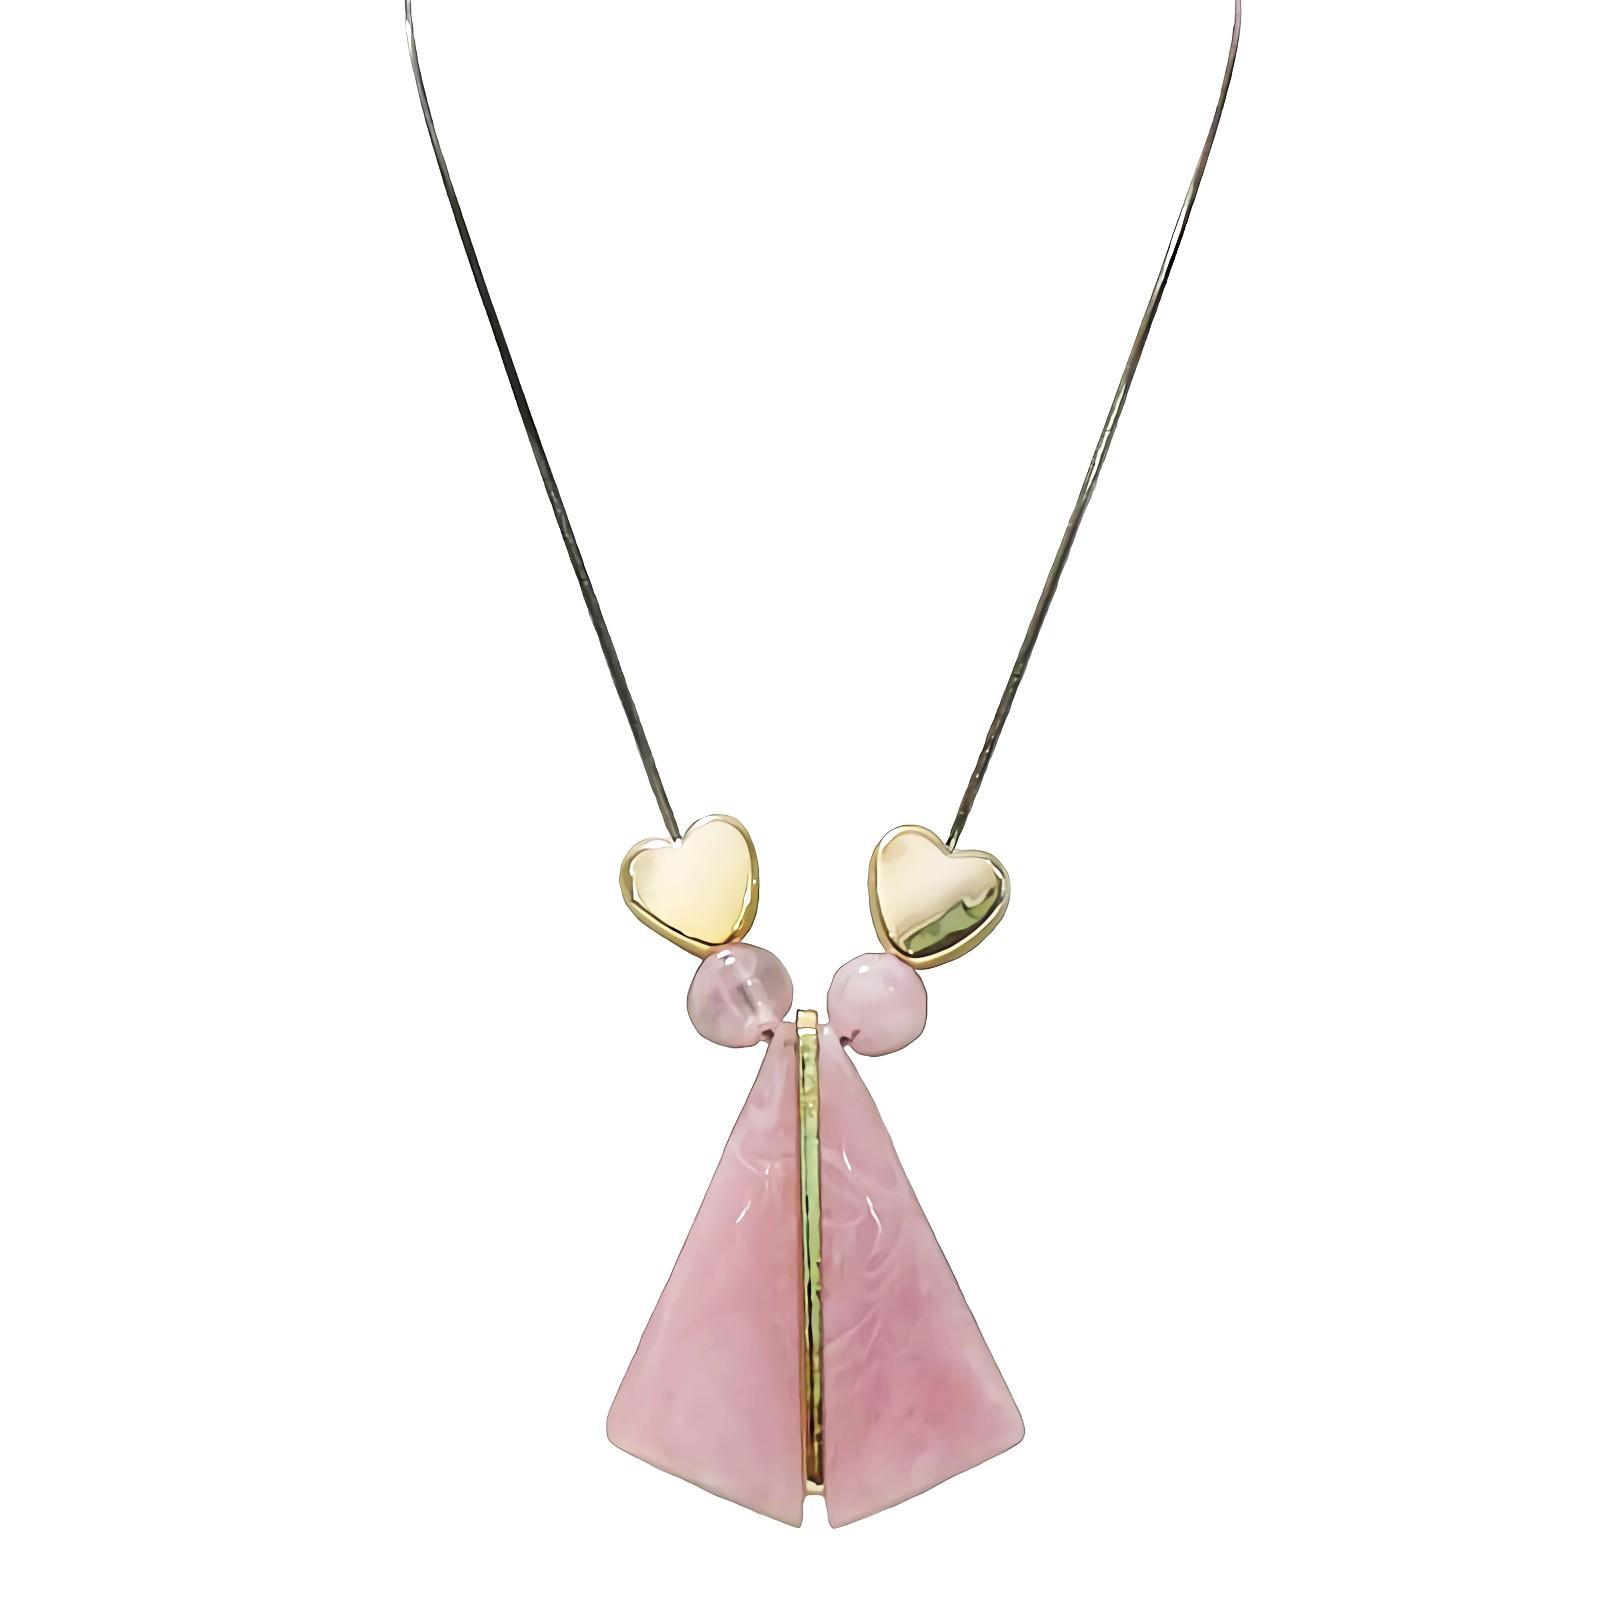 Modern Necklace Accessories Panjang 54 Cm - Emas. Source · OFASHION Aksesoris .